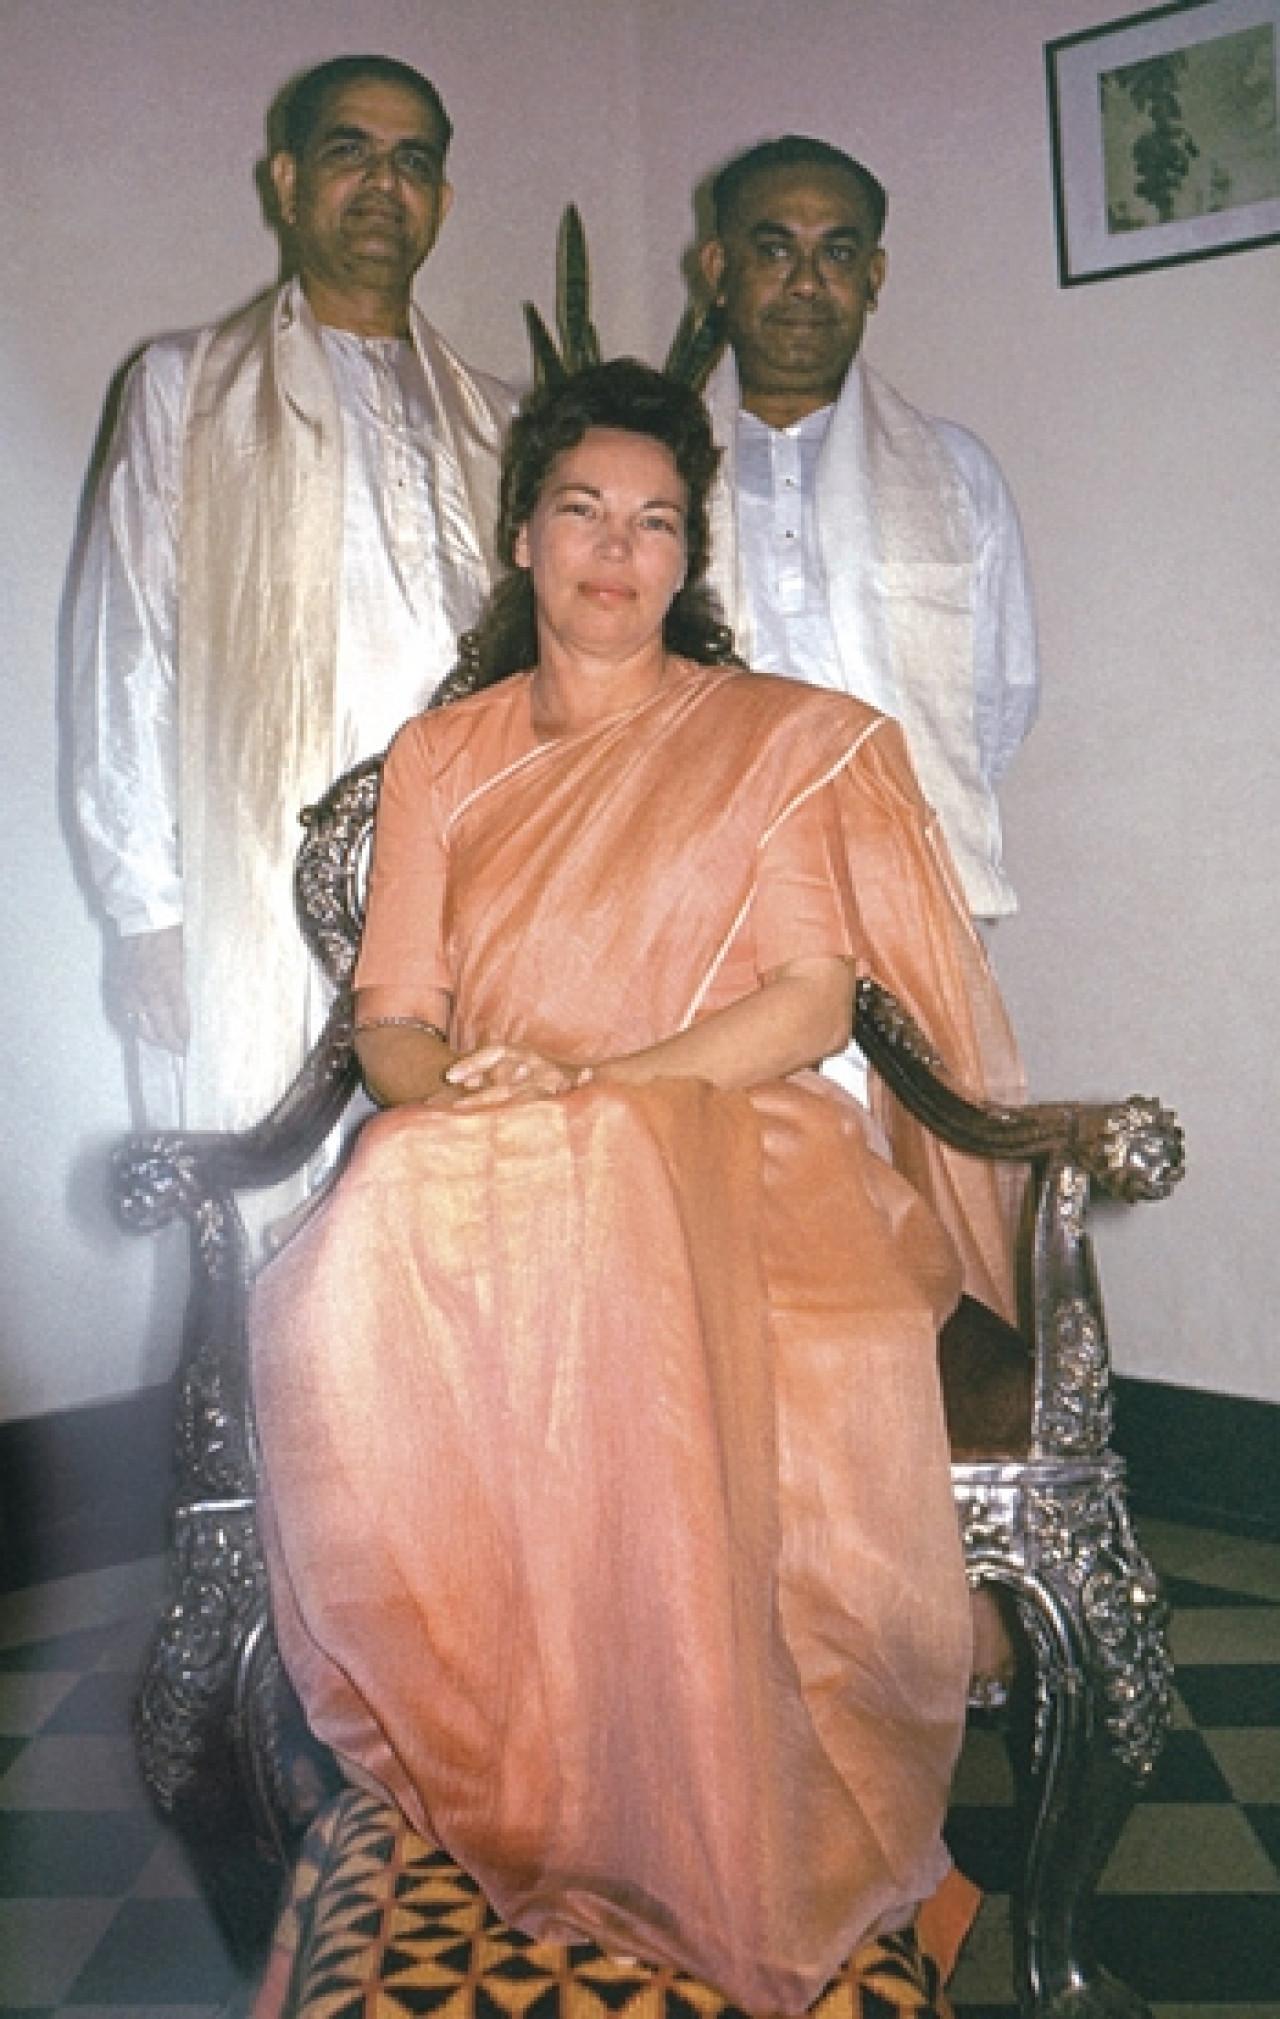 Sri Daya Mata With Swami Shyamananda And Sri Banamali Das